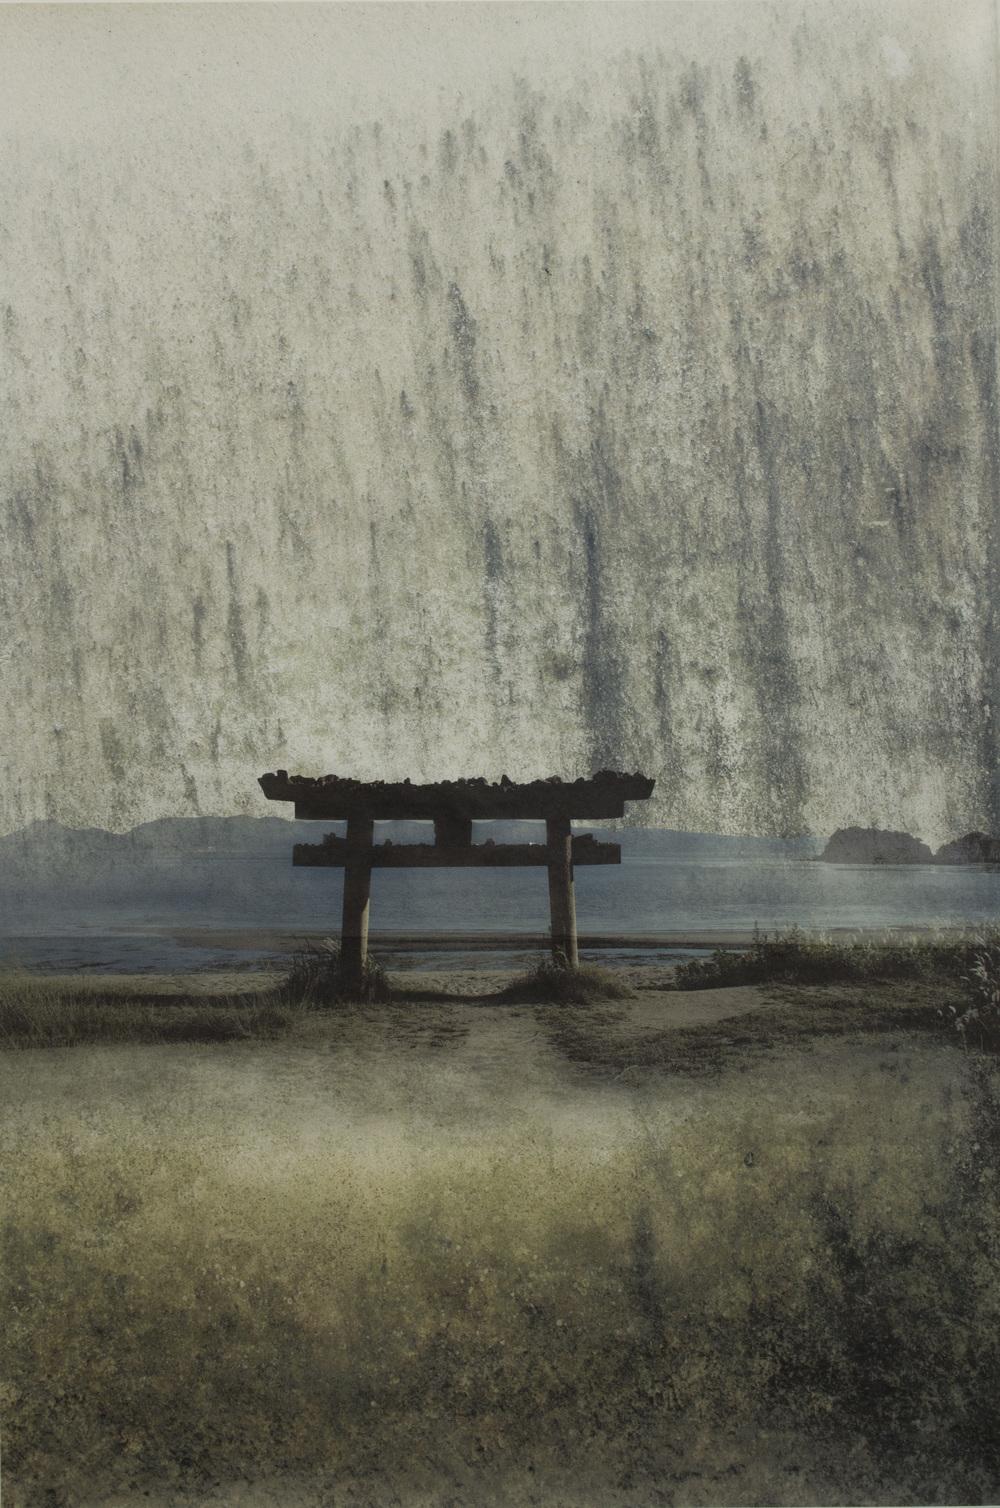 Naoshima Tori Gate